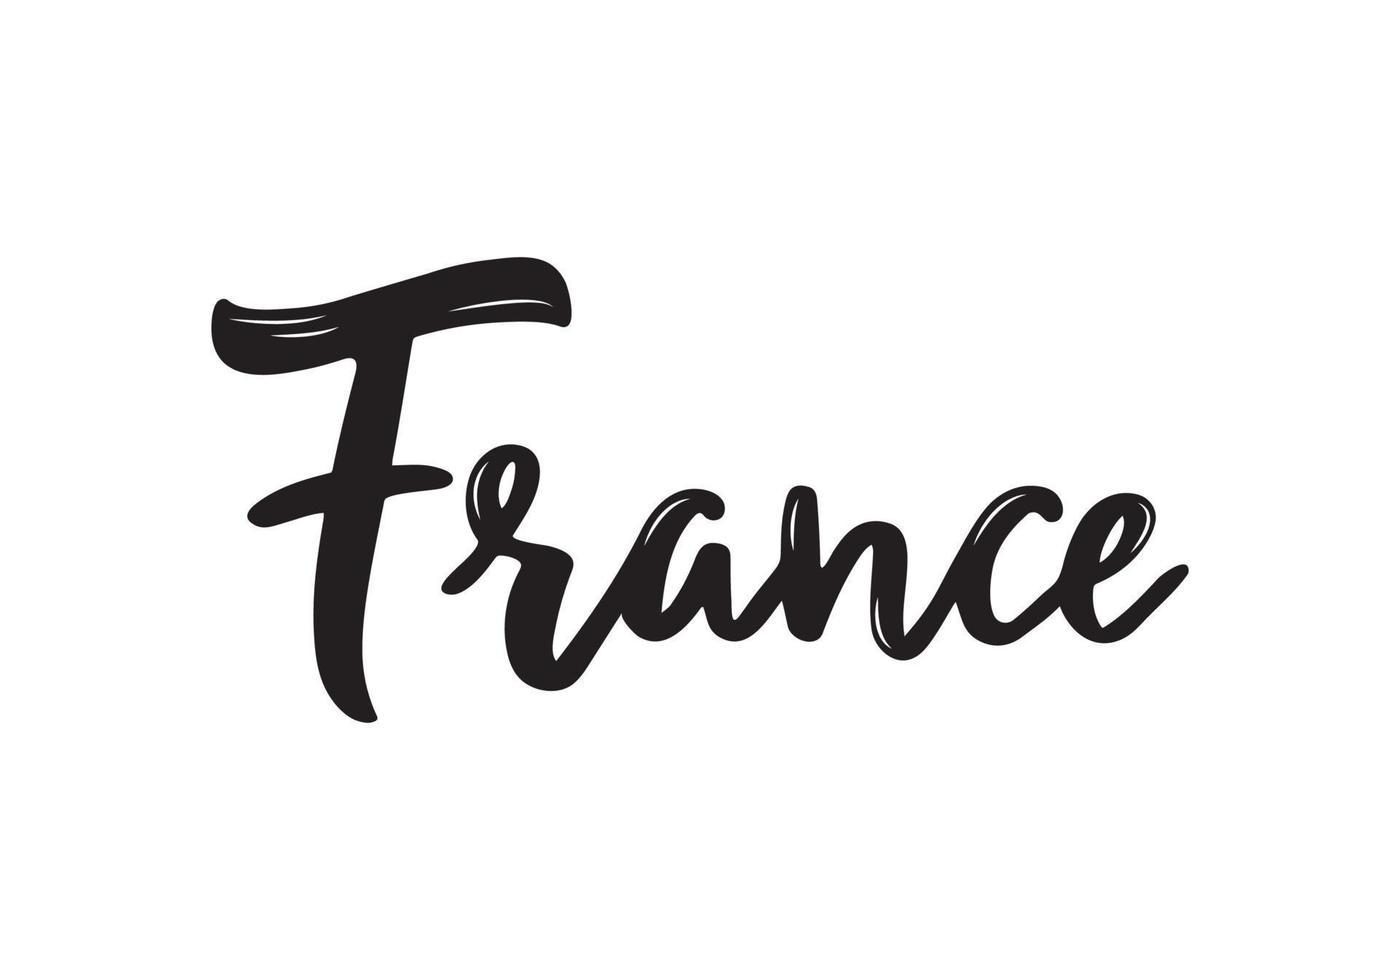 Frankrijk handgeschreven kalligrafie naam van Europees land. hand getrokken borstelkalligrafie. vector